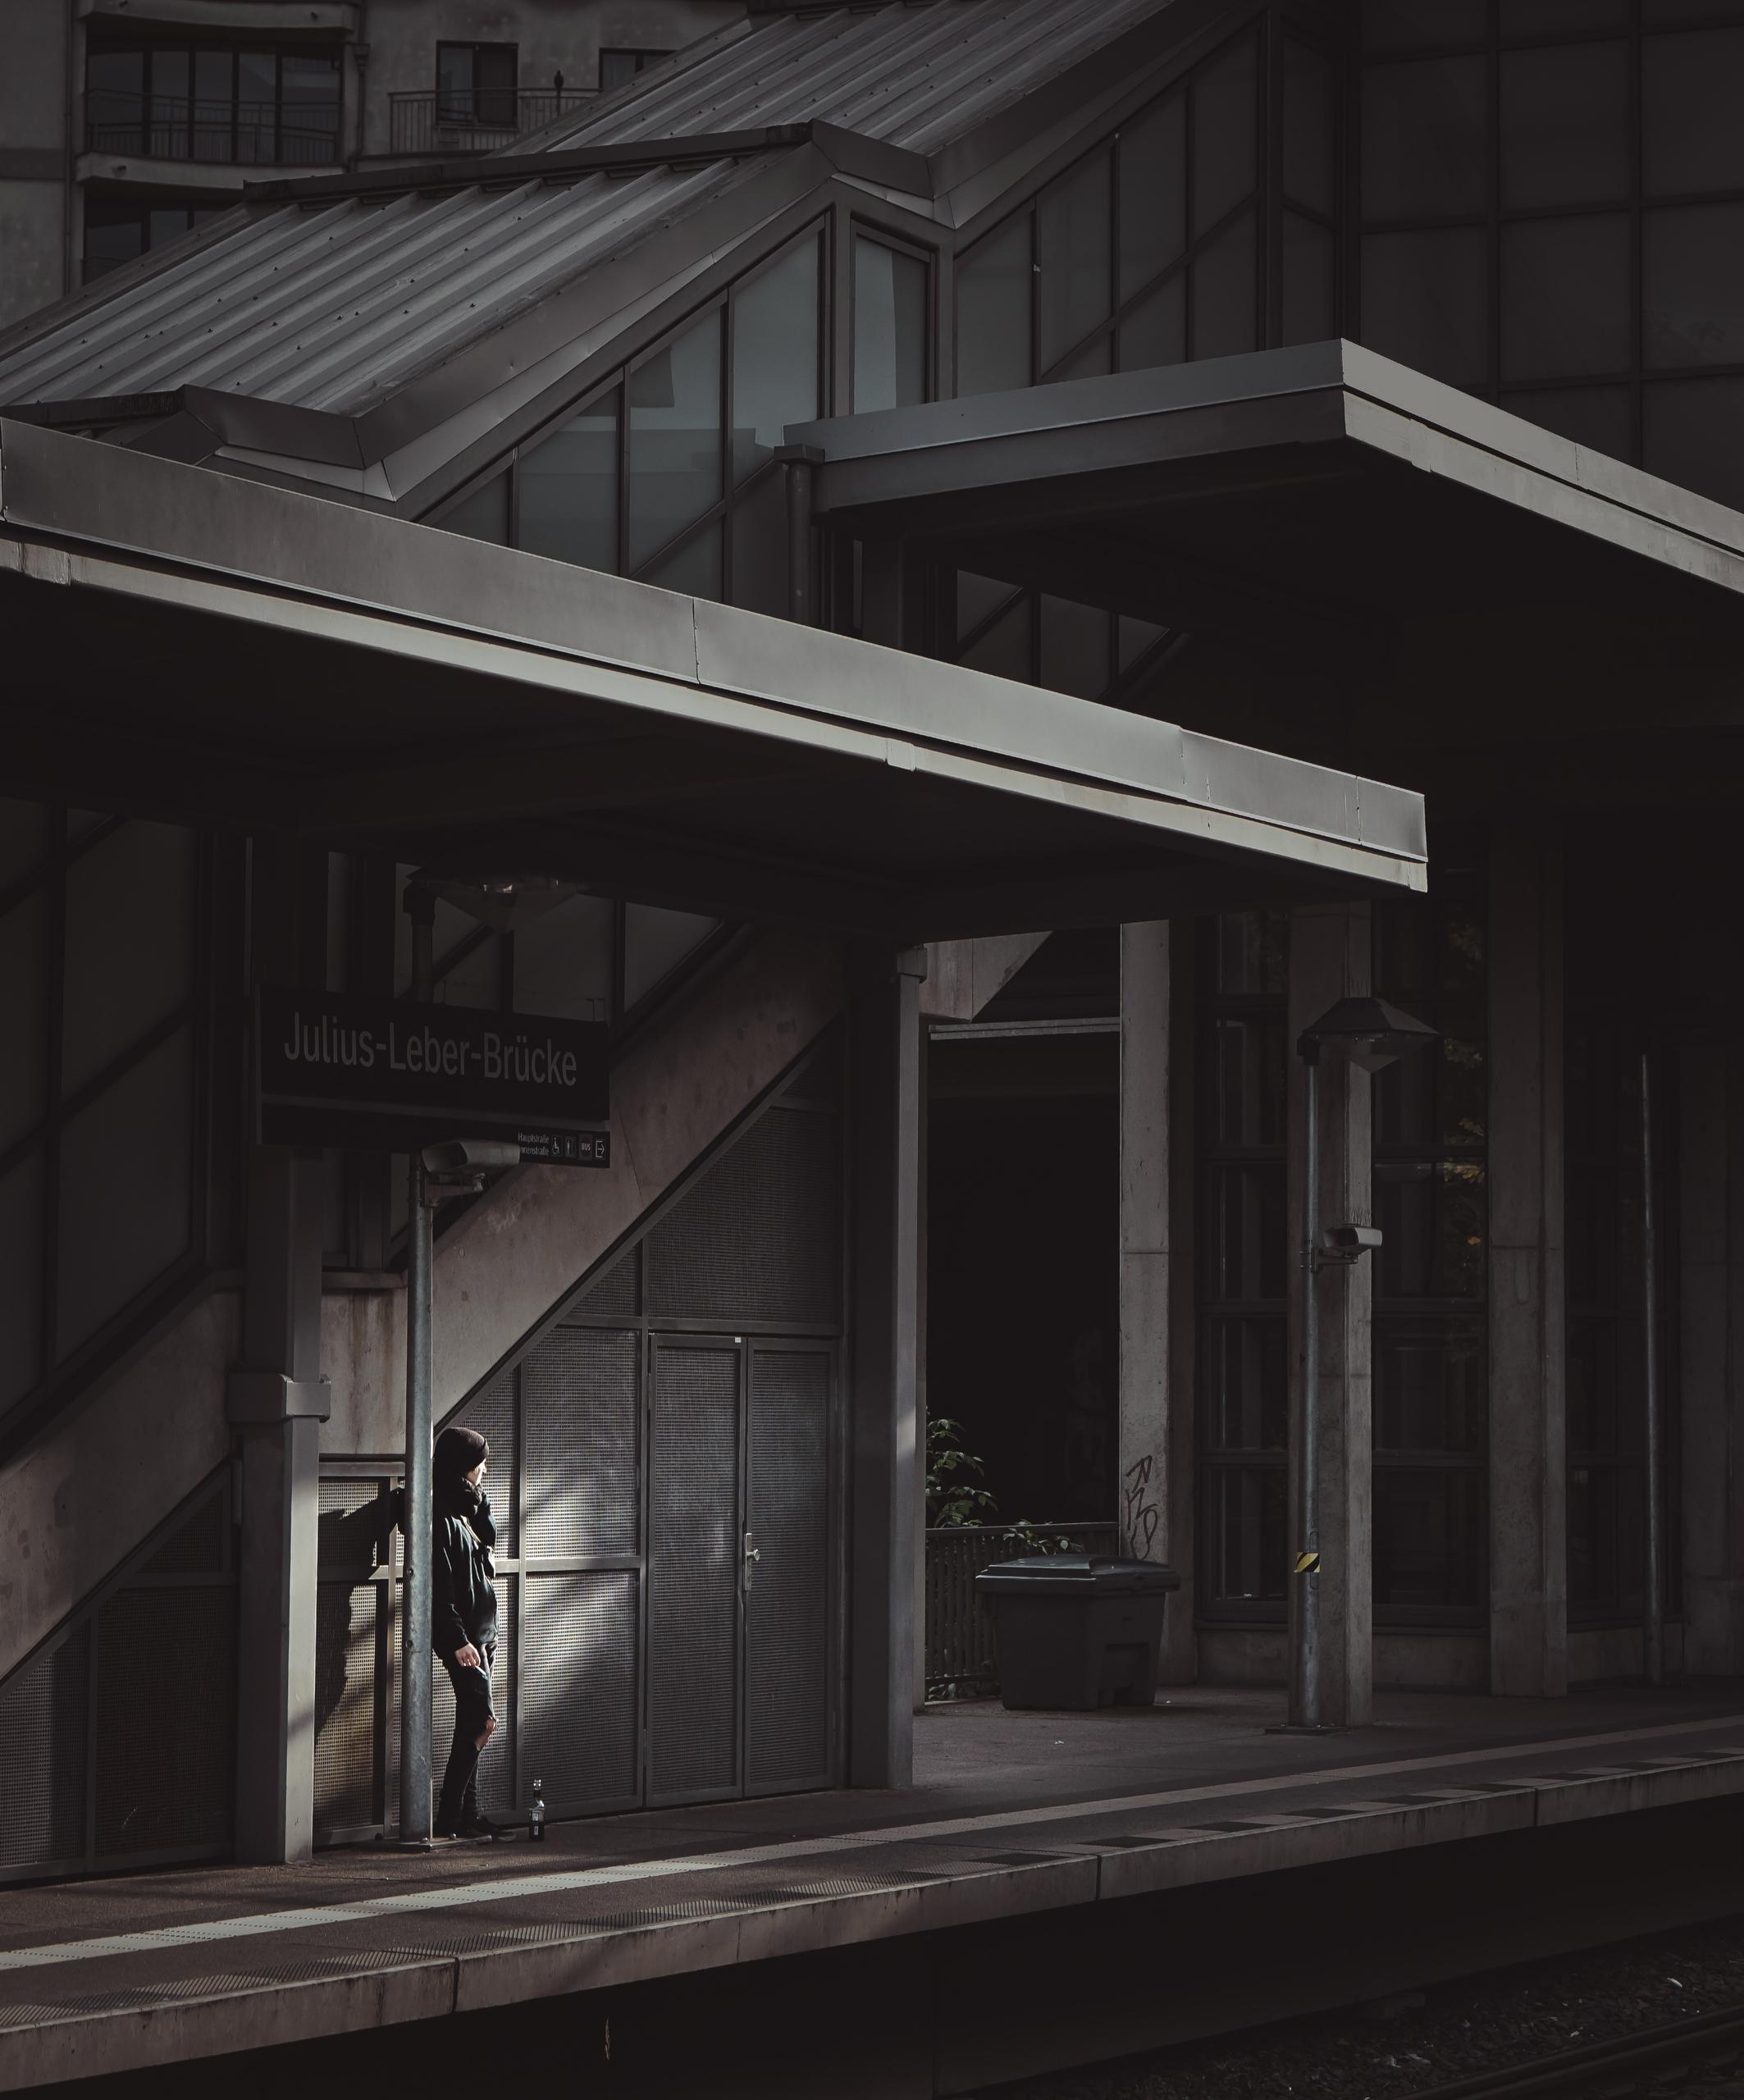 black, berlin, architecture, light - brinsonmcgowan | ello